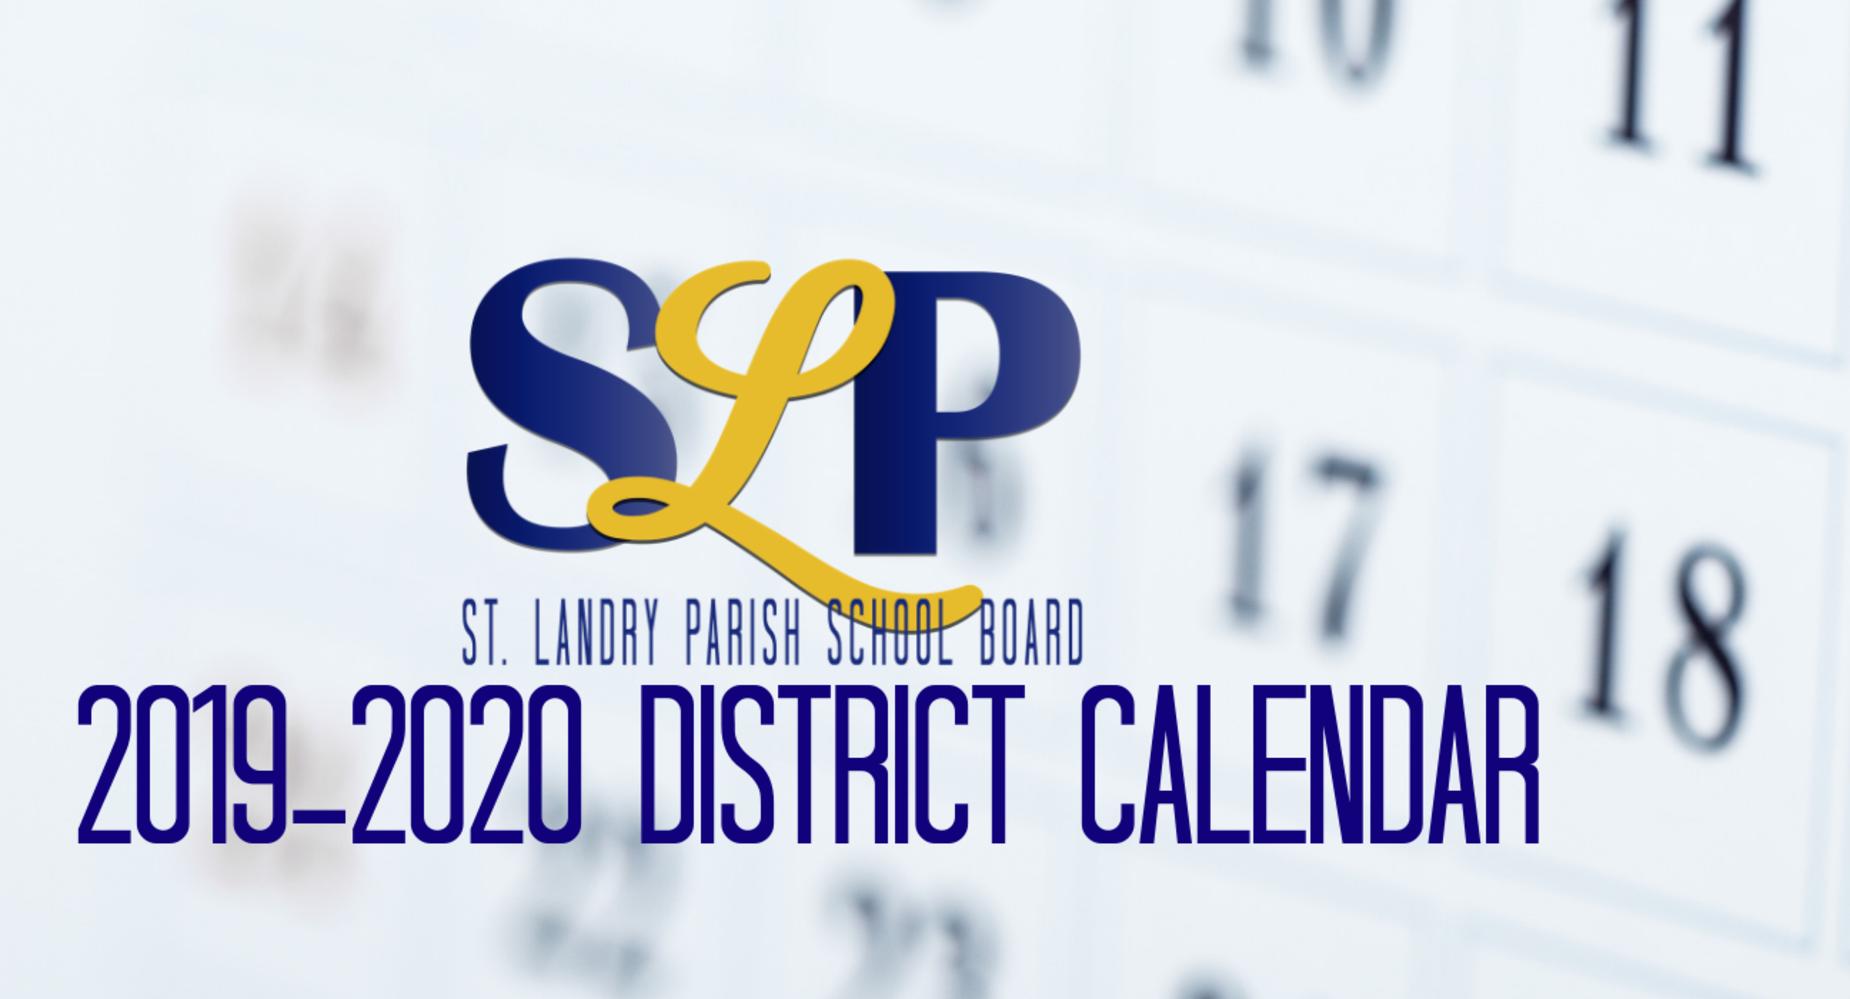 Calendario 2019 Campo Grande Ms.St Landry Parish School Board